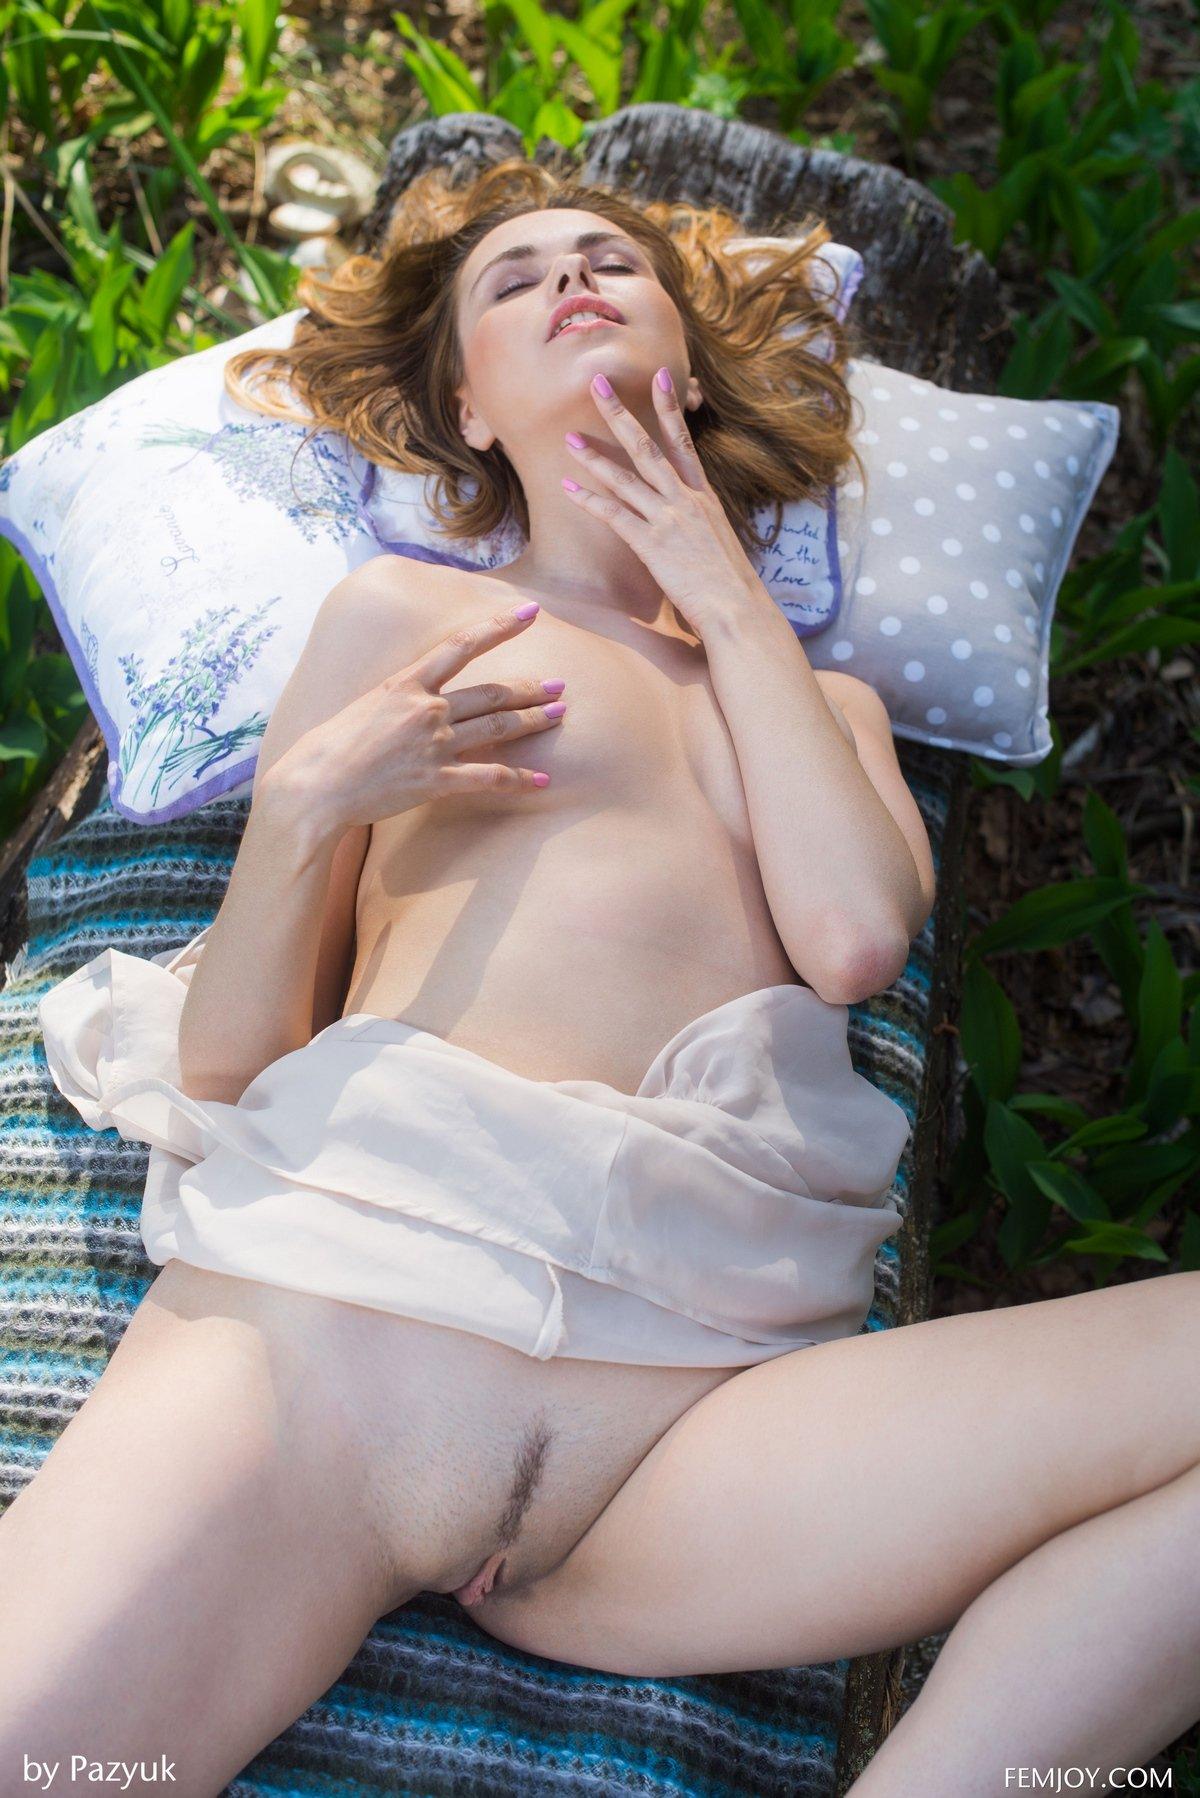 Фото привлекательной голой девки на природе